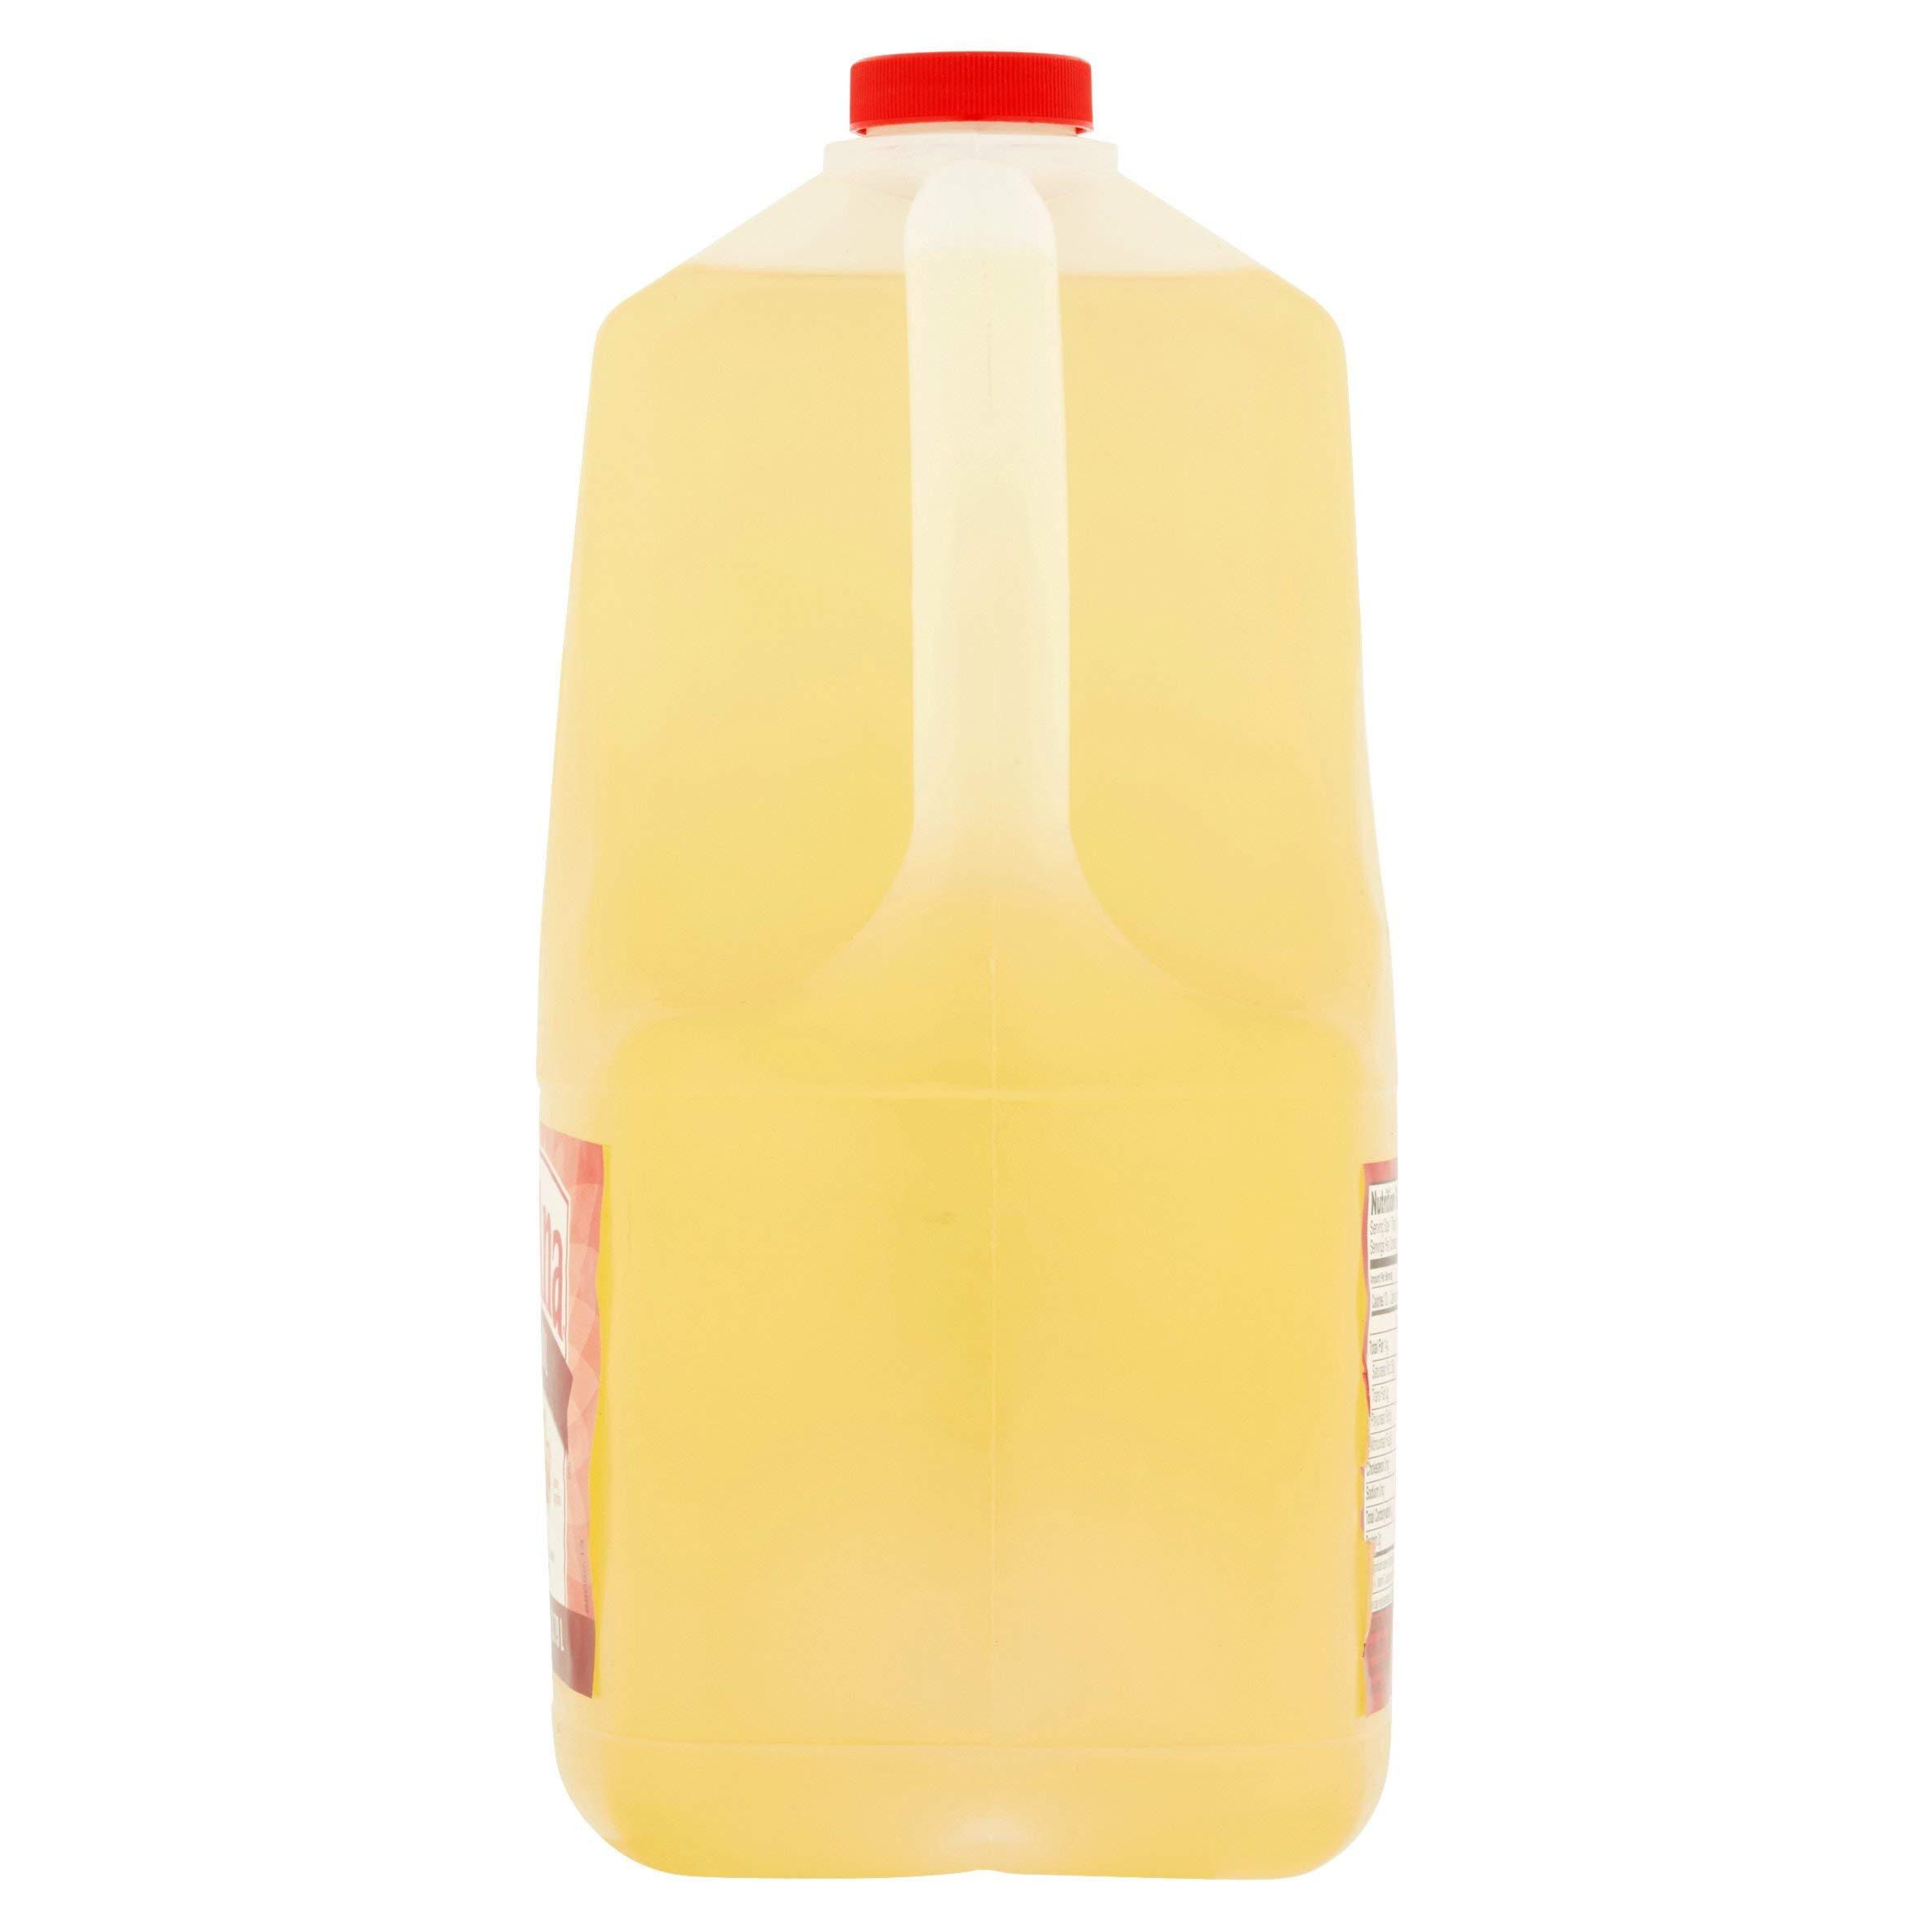 LouAna Peanut Oil, 128.0 FL OZ (Pack of 4) by LouAna (Image #5)